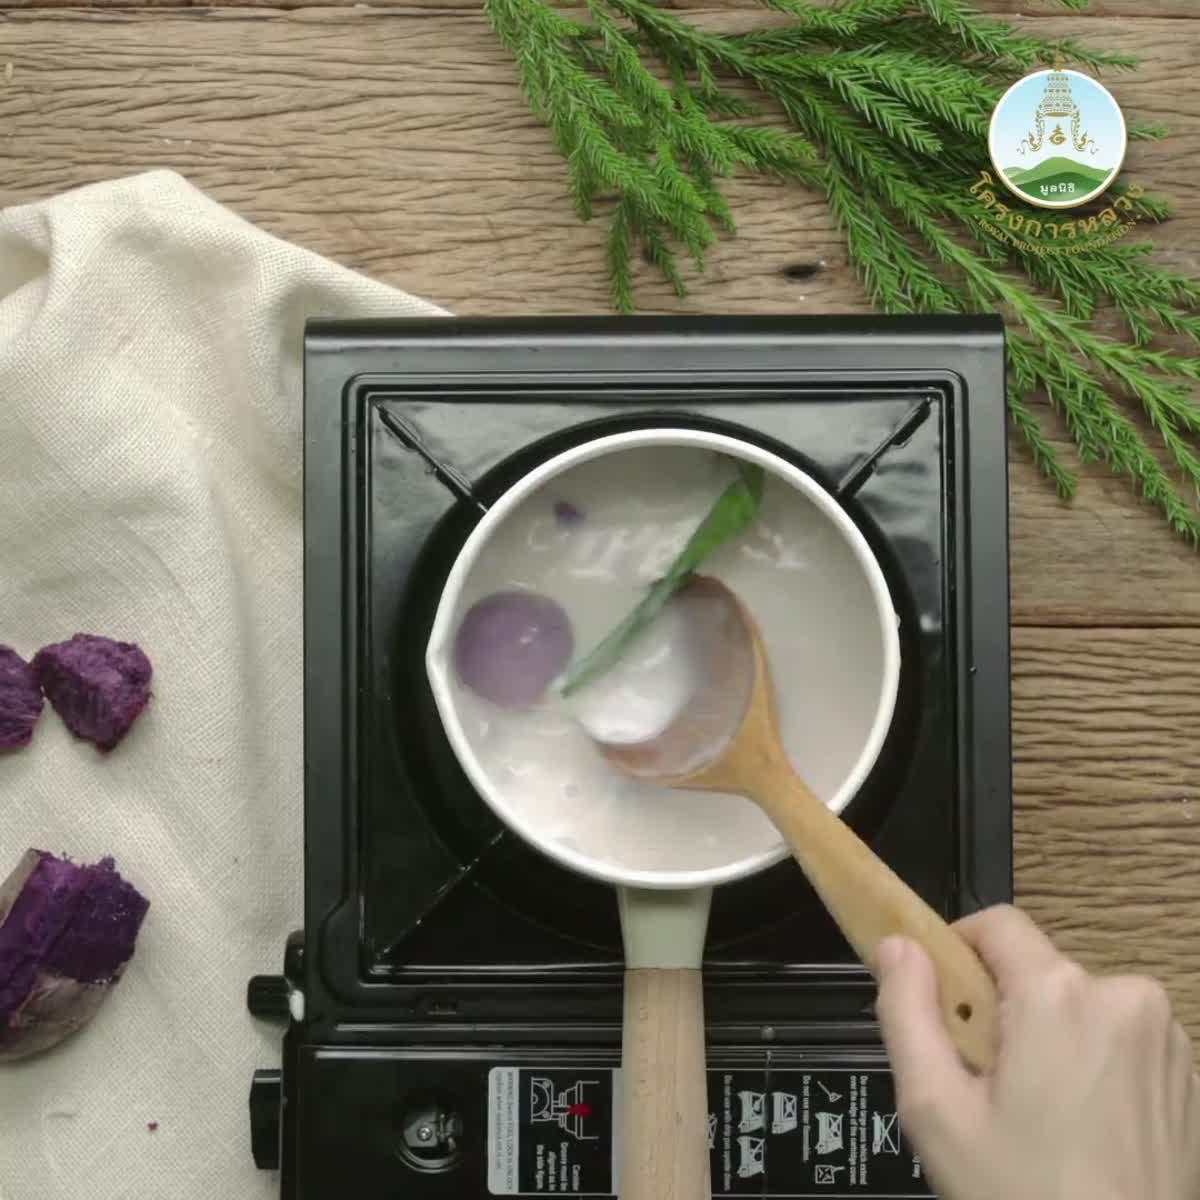 """วิธีทำ บัวลอยมันเทศญี่ปุ่นสีม่วงไส้ถั่วแดงกวน กินข้าวกัน by """"แม่อ้อ"""""""